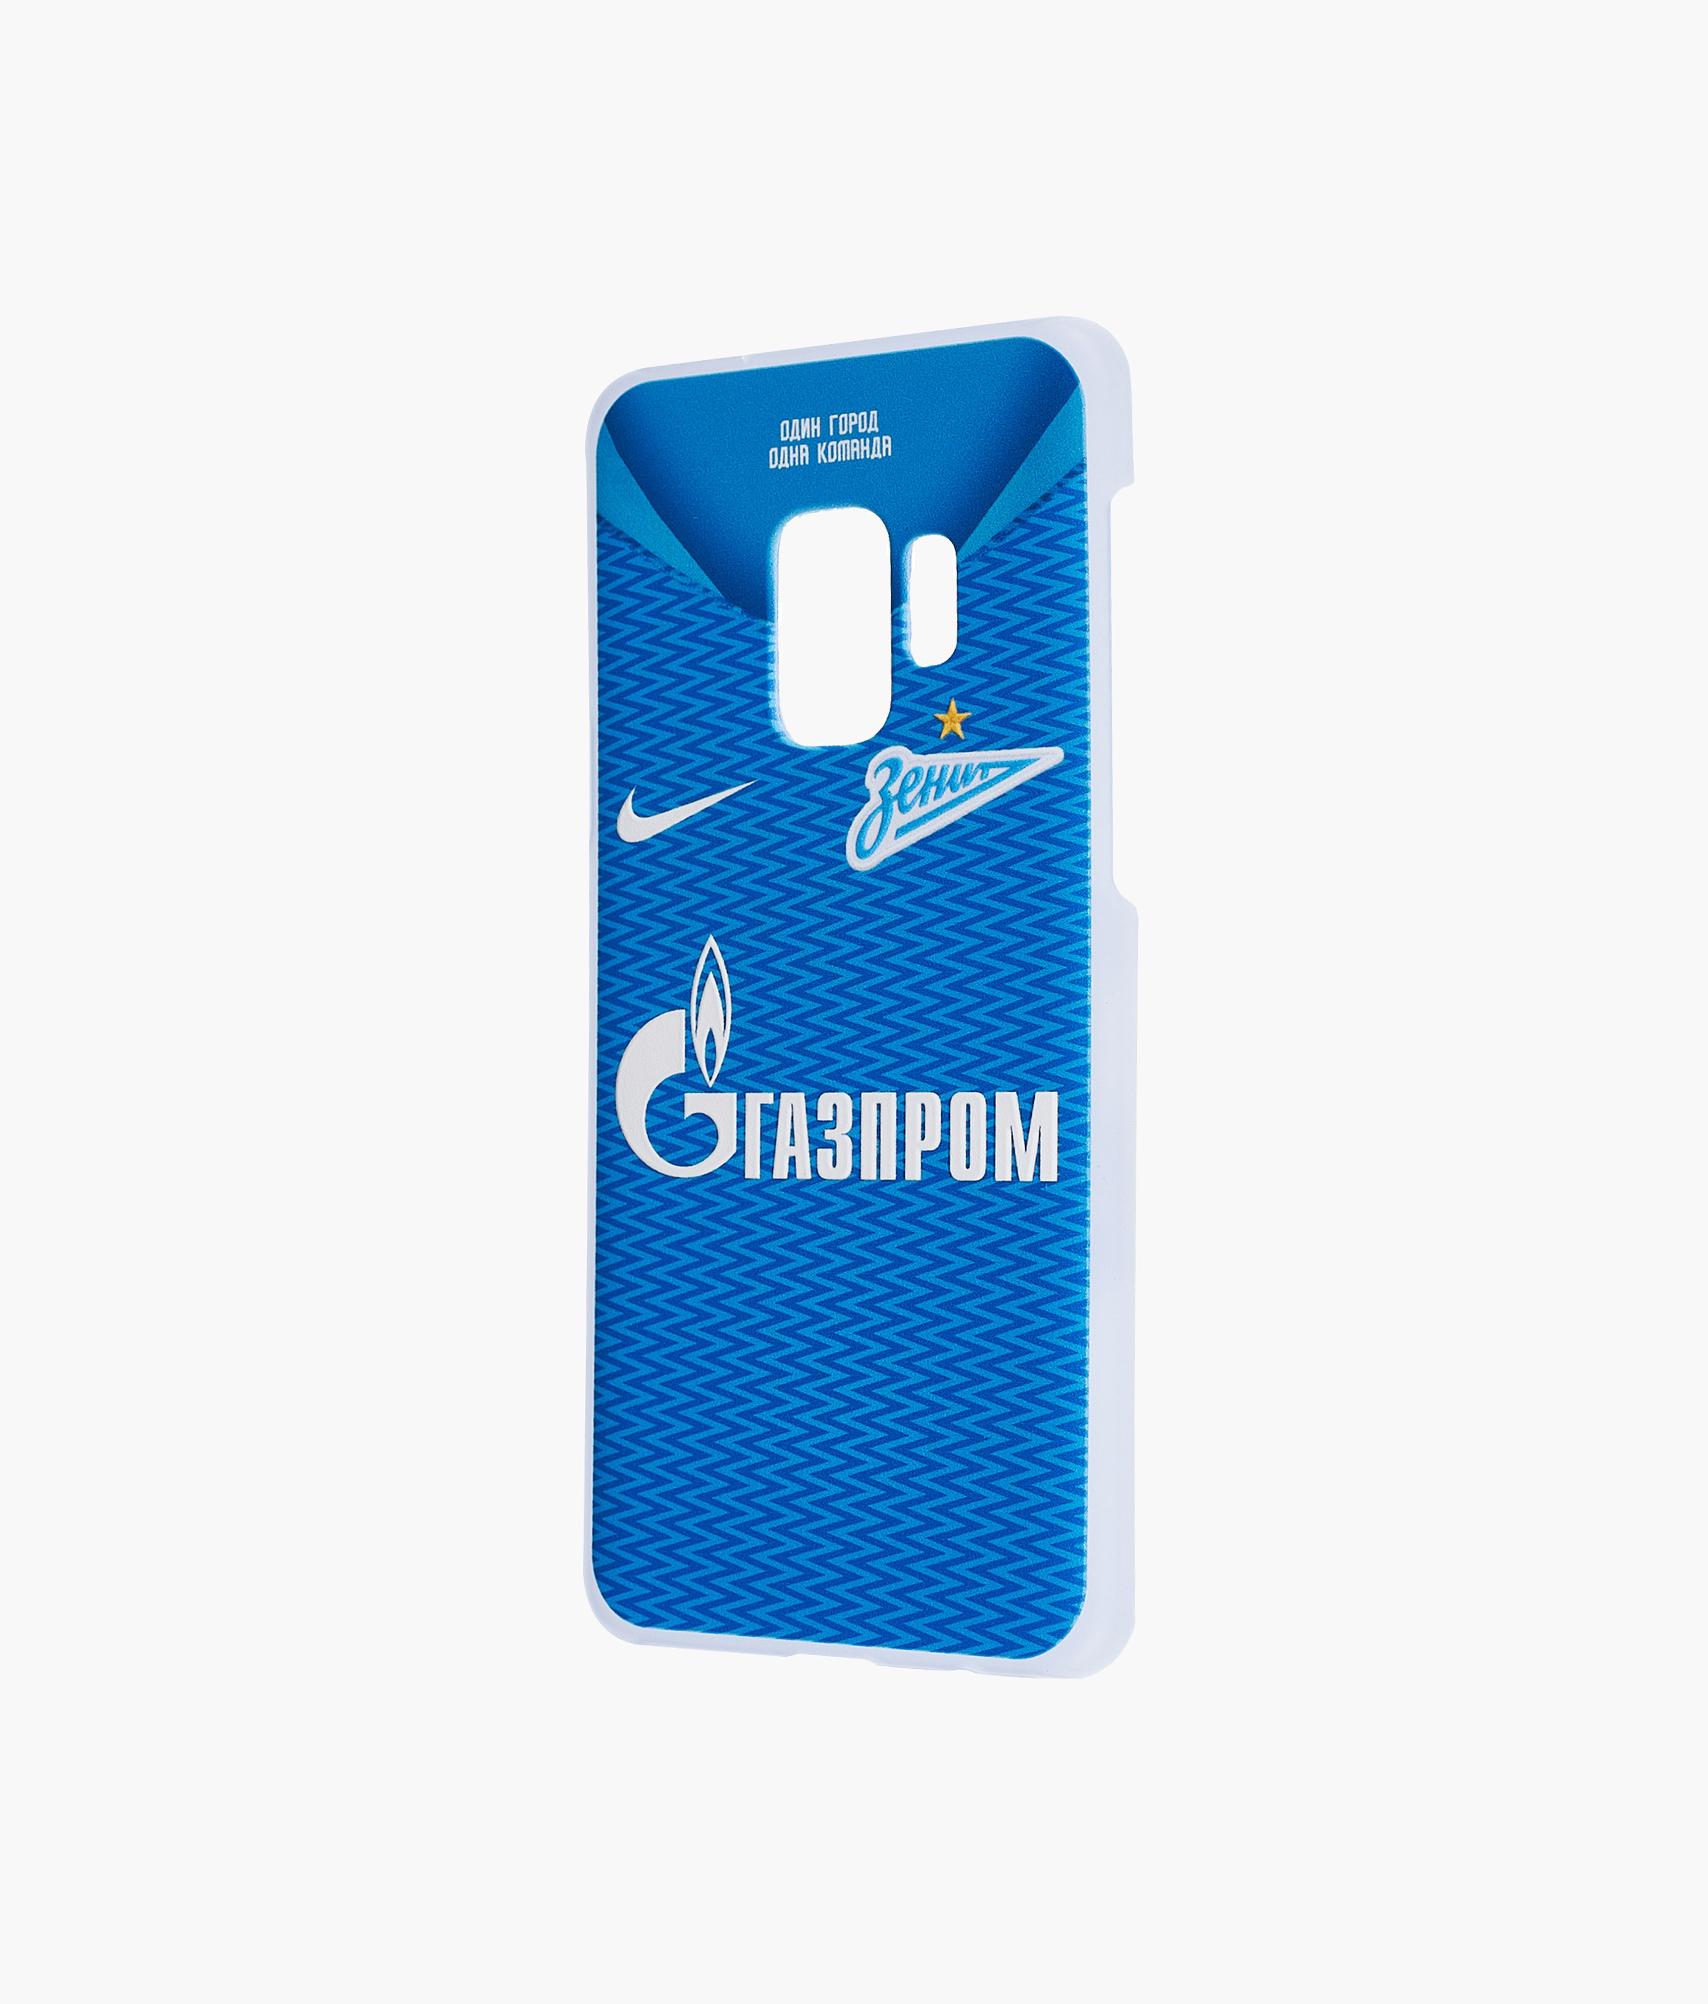 Фото - Чехол для Samsung Galaxy S9 Форма Зенит аксессуар чехол neypo для samsung galaxy a10 2019 soft matte silicone dark blue nst11681